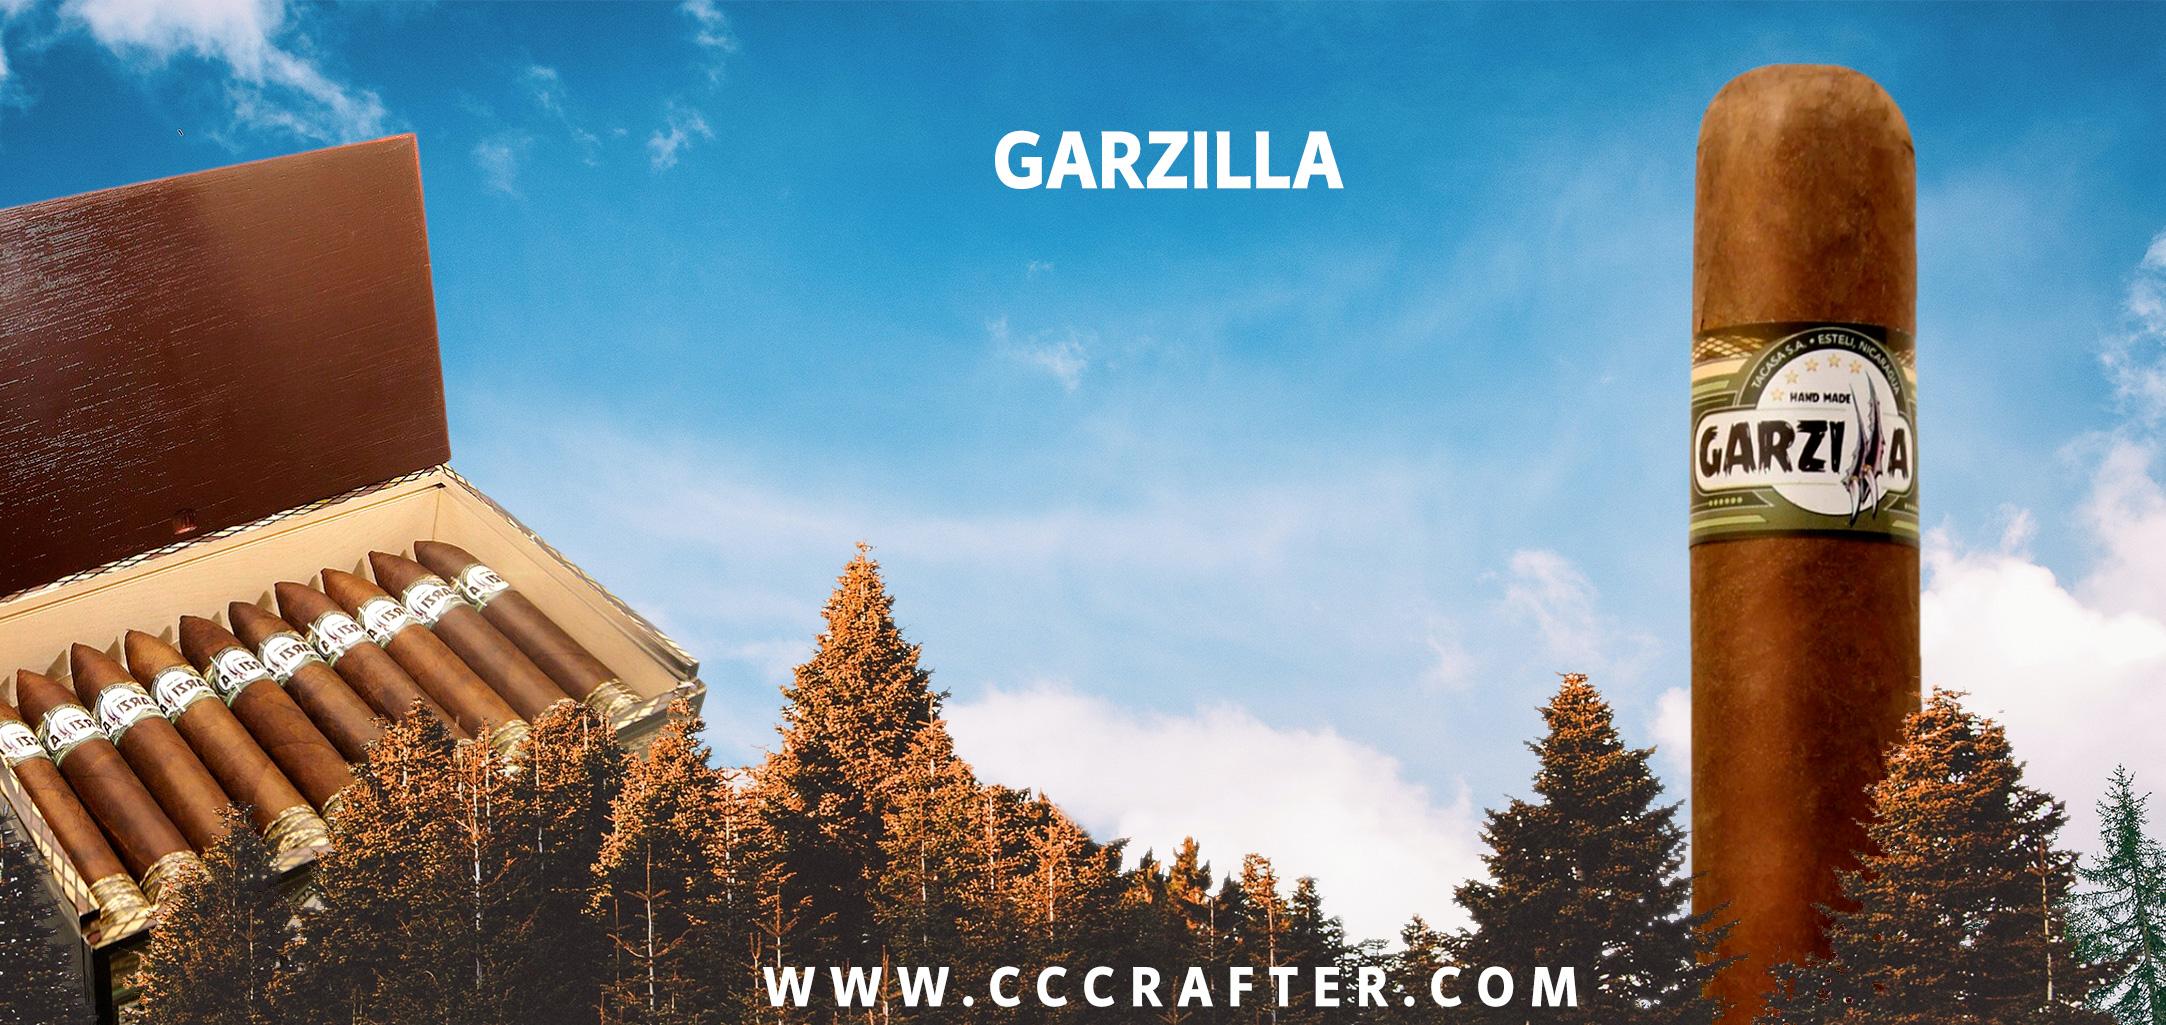 garzilla-banner.jpg